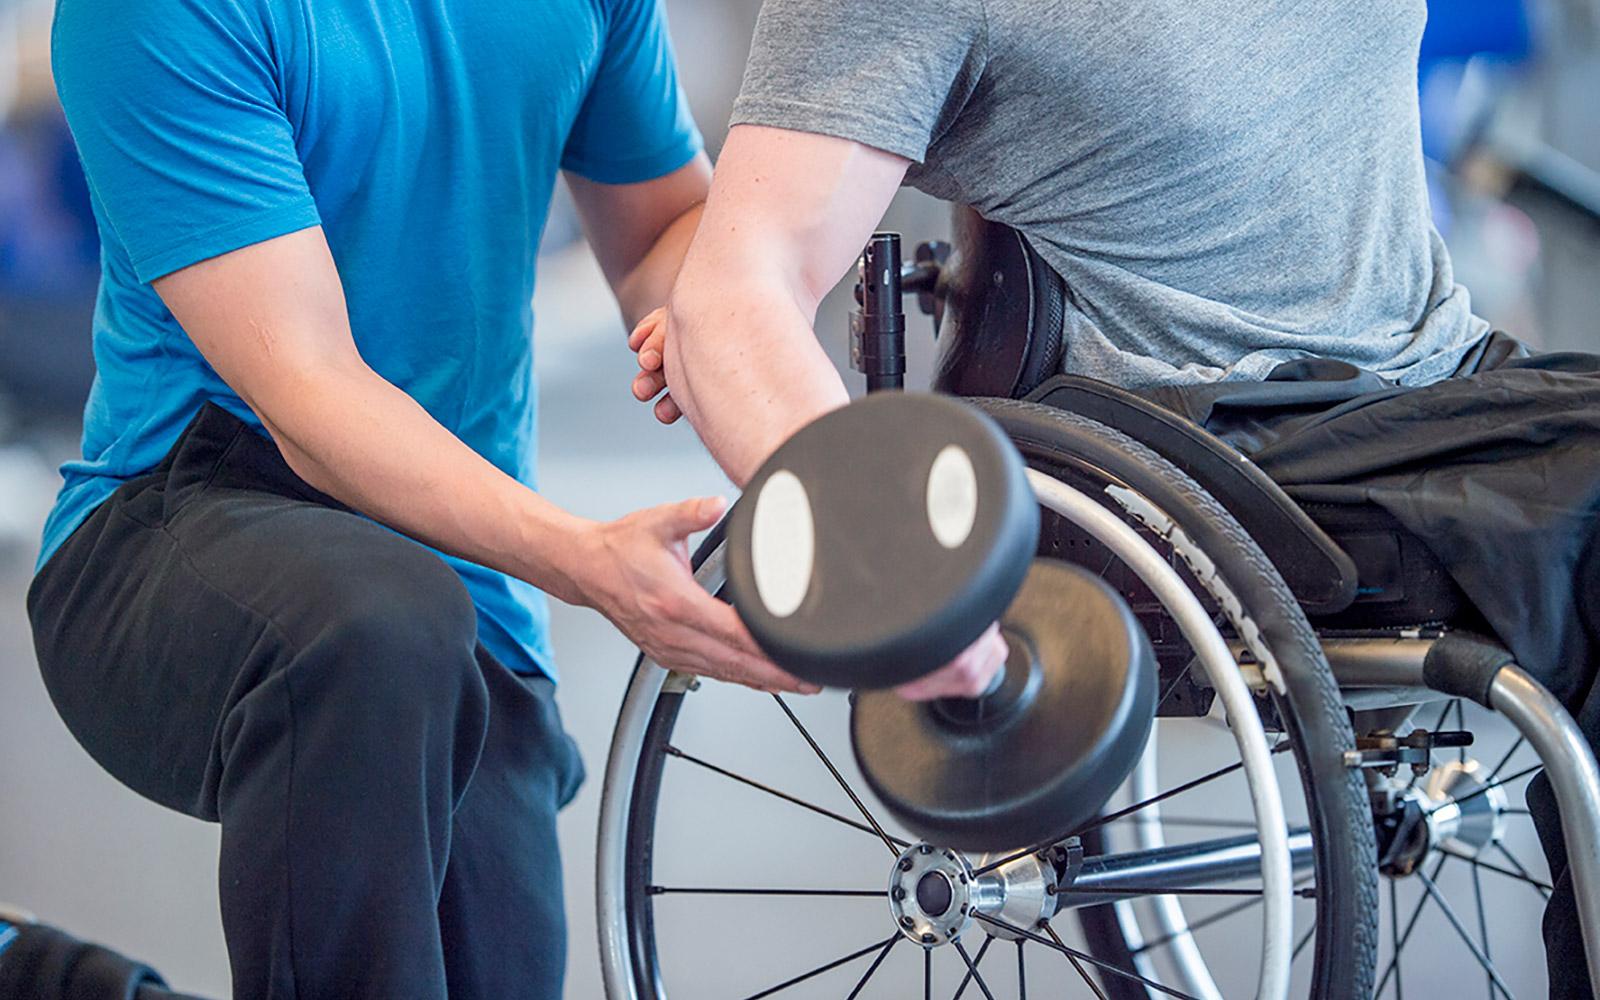 rolstoelgebruikers